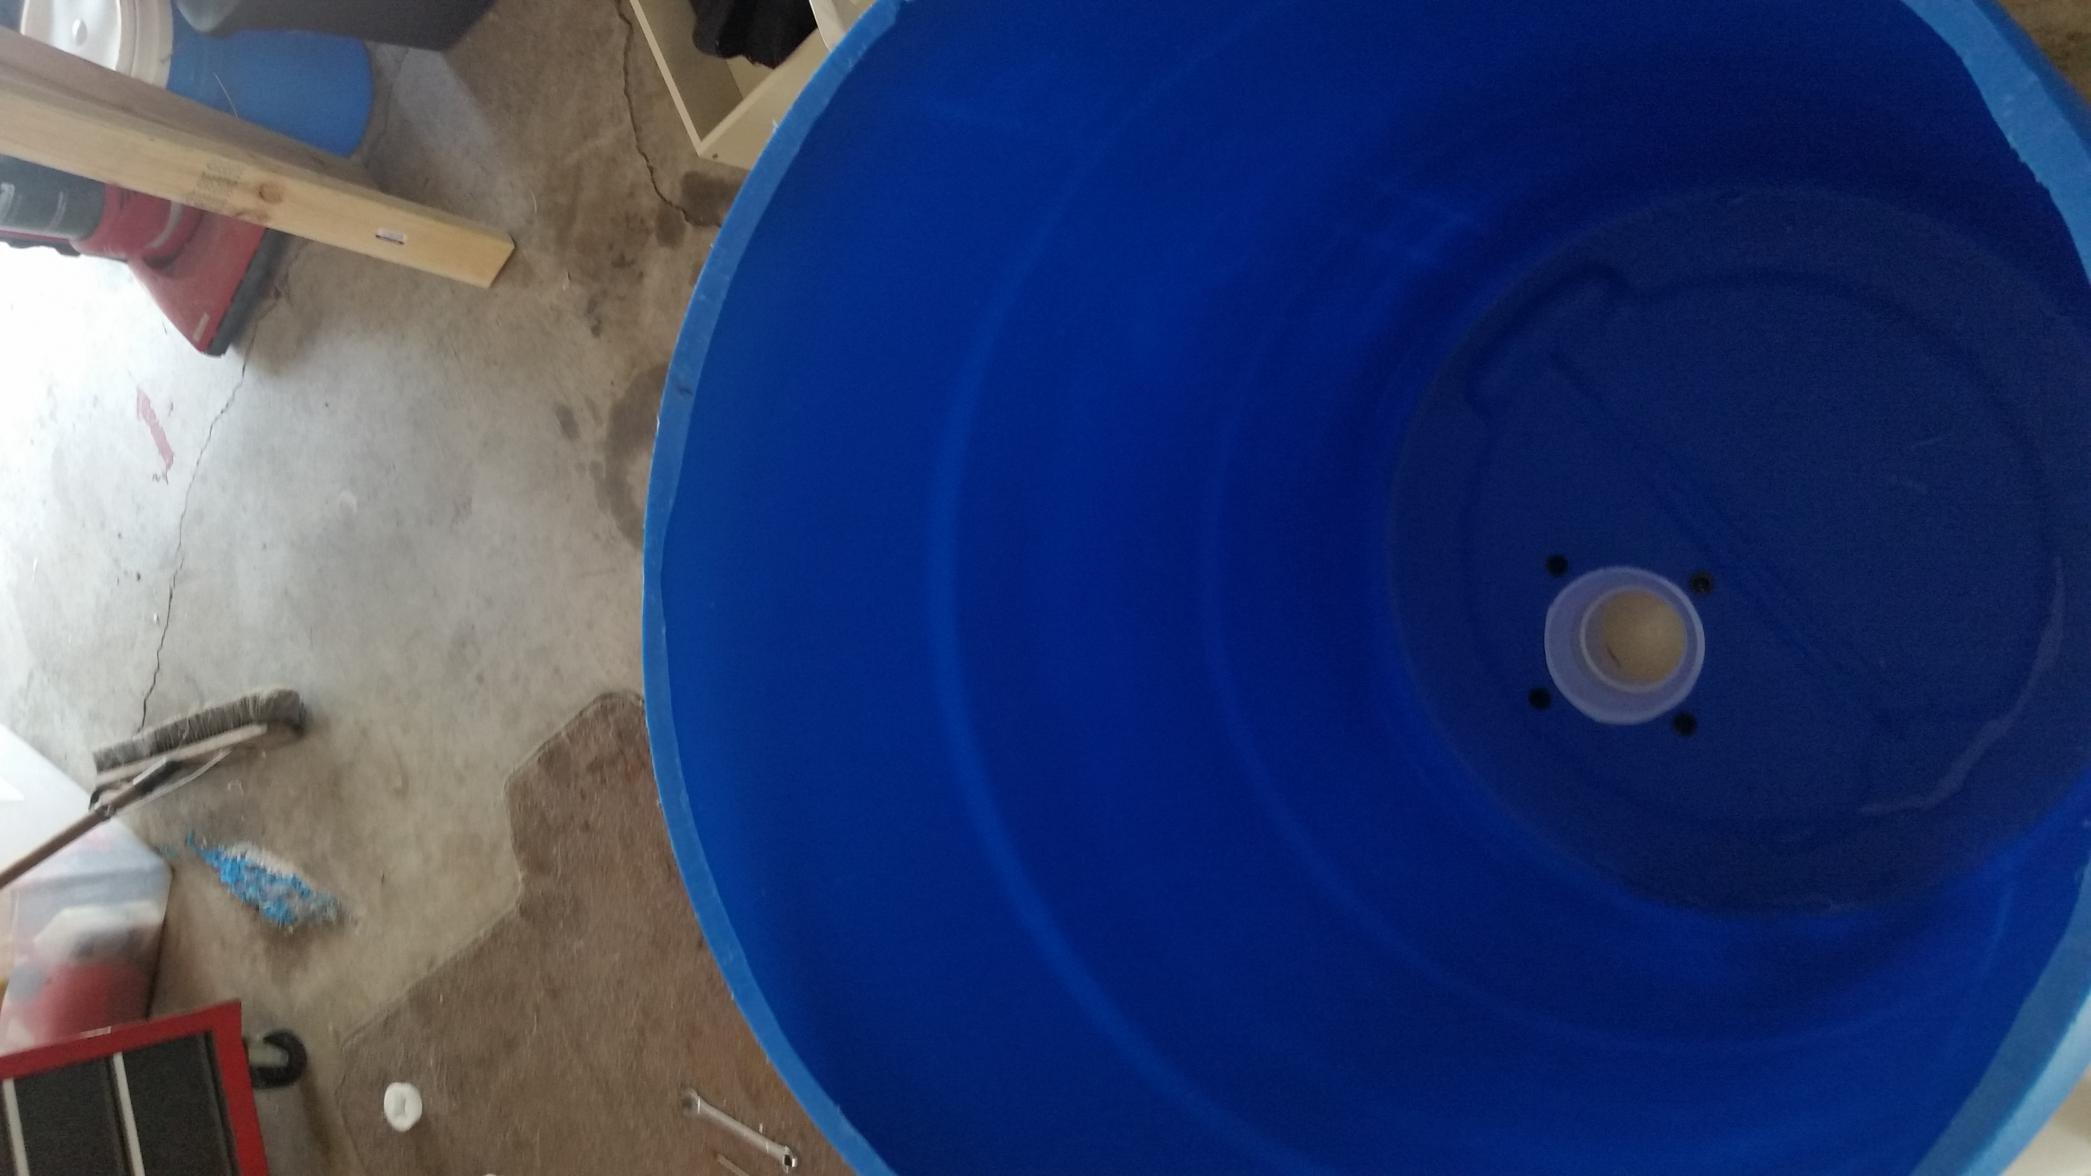 Homemade DEER FEEDER 55 gallon drum - I